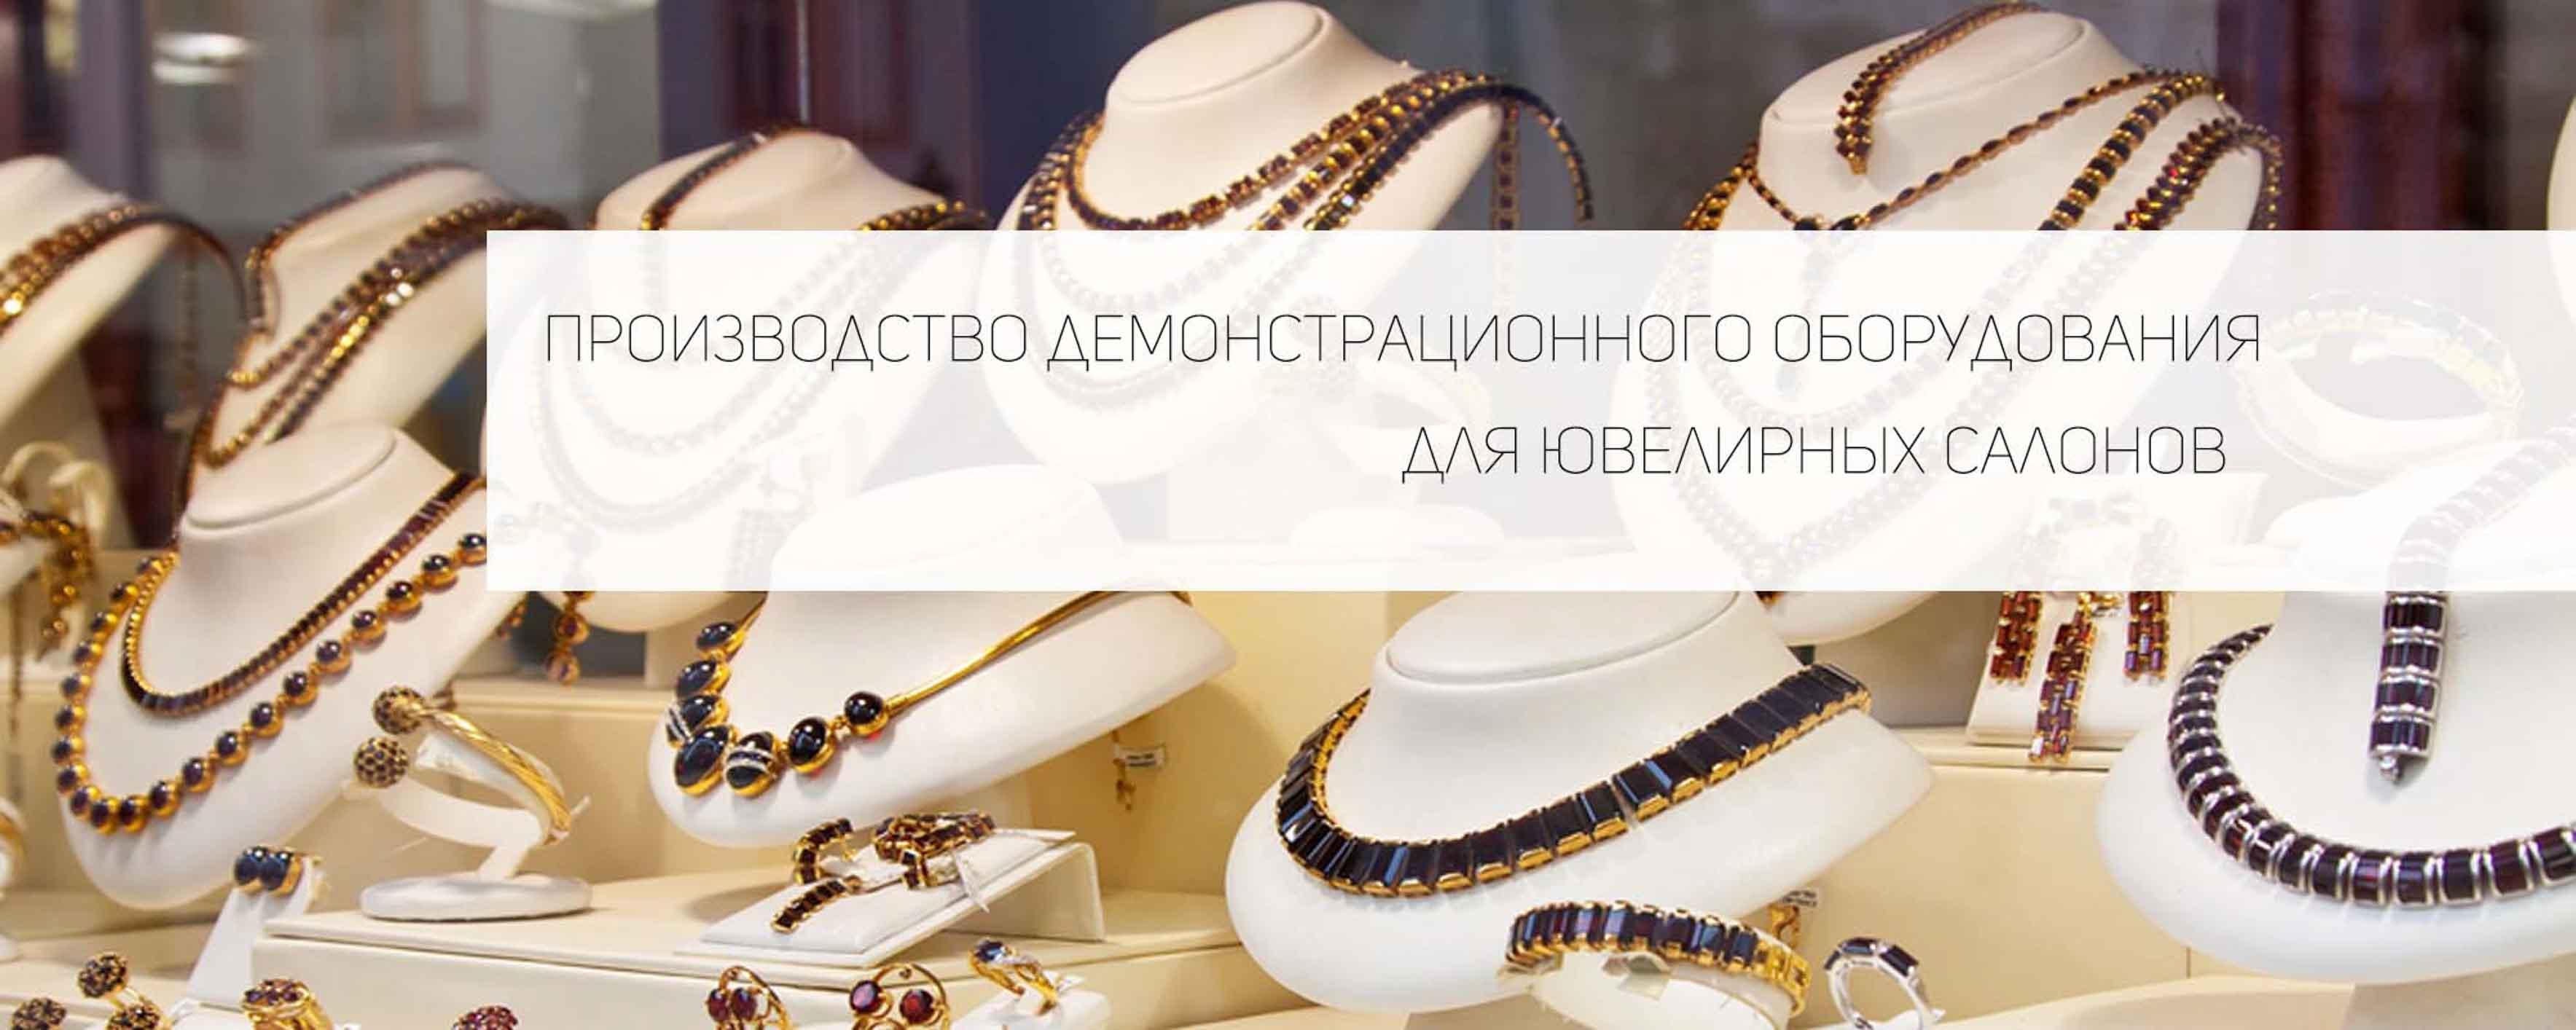 Производство демонстрационного оборудования для ювелирных изделий фото 1